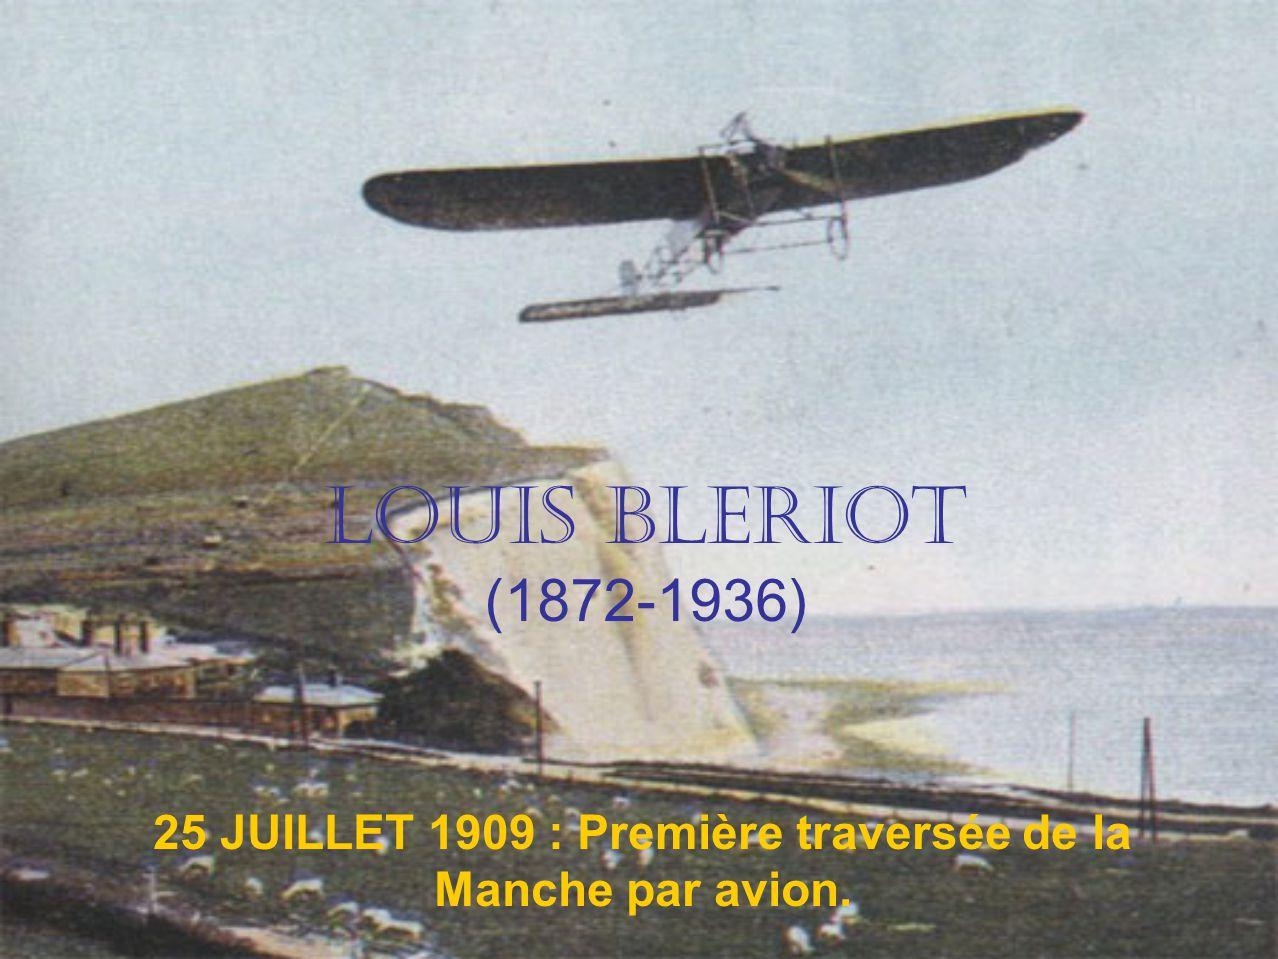 LOUIS BLERIOT (1872-1936) 25 JUILLET 1909 : Première traversée de la Manche par avion.